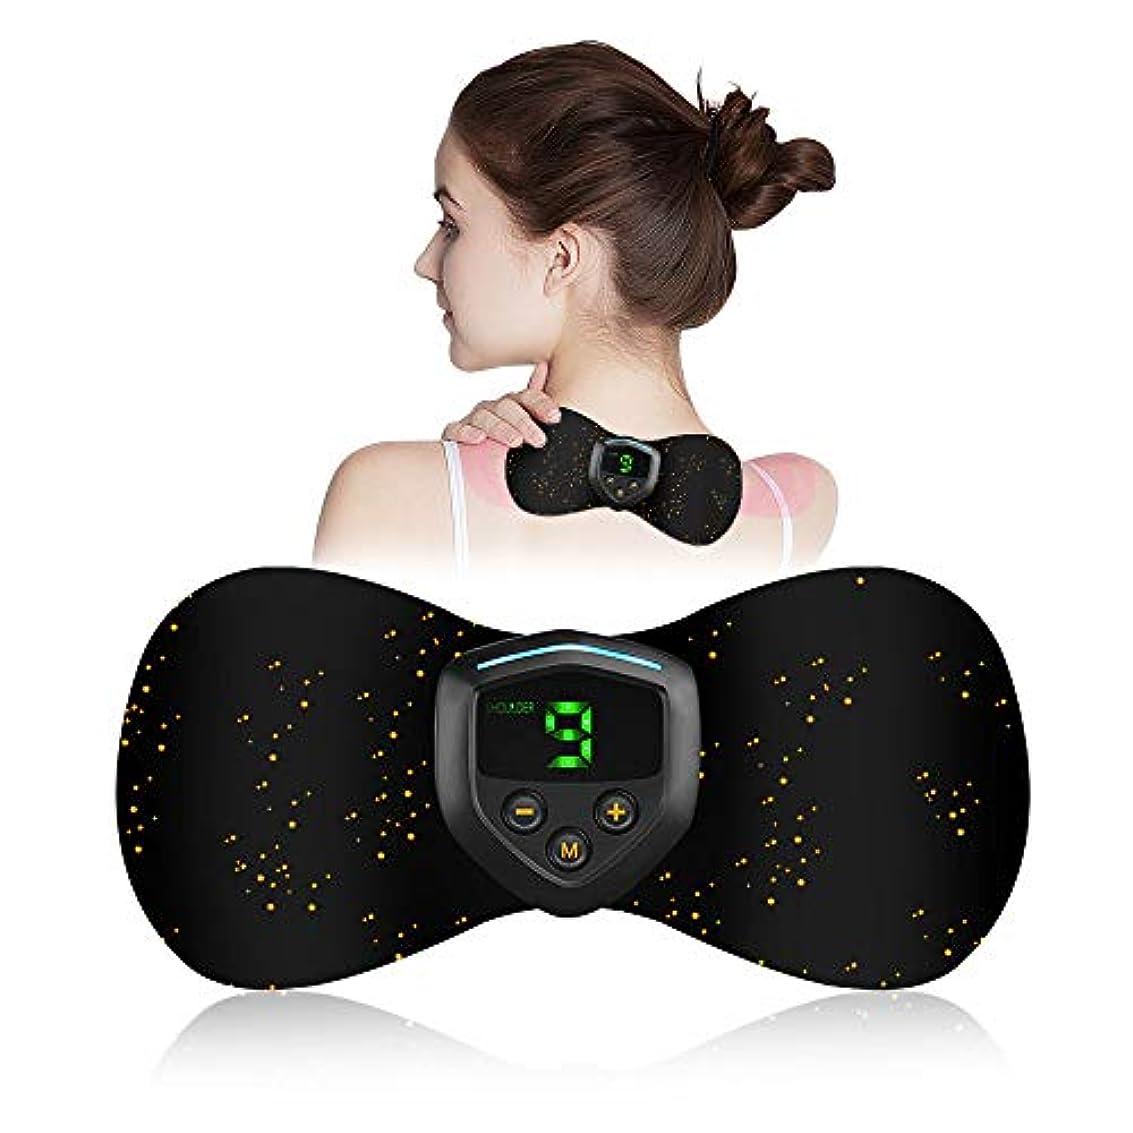 特異な常習者元気なマッサージパッドマッサージャー EMS マッサージ機 ボディ マッサージ 肩マッサージャー血行促進 肩こり 筋肉痛 関節痛 神経痛 痛みを緩和USB充電式 9つモード 6段階調節 薄型 軽量 ブラック